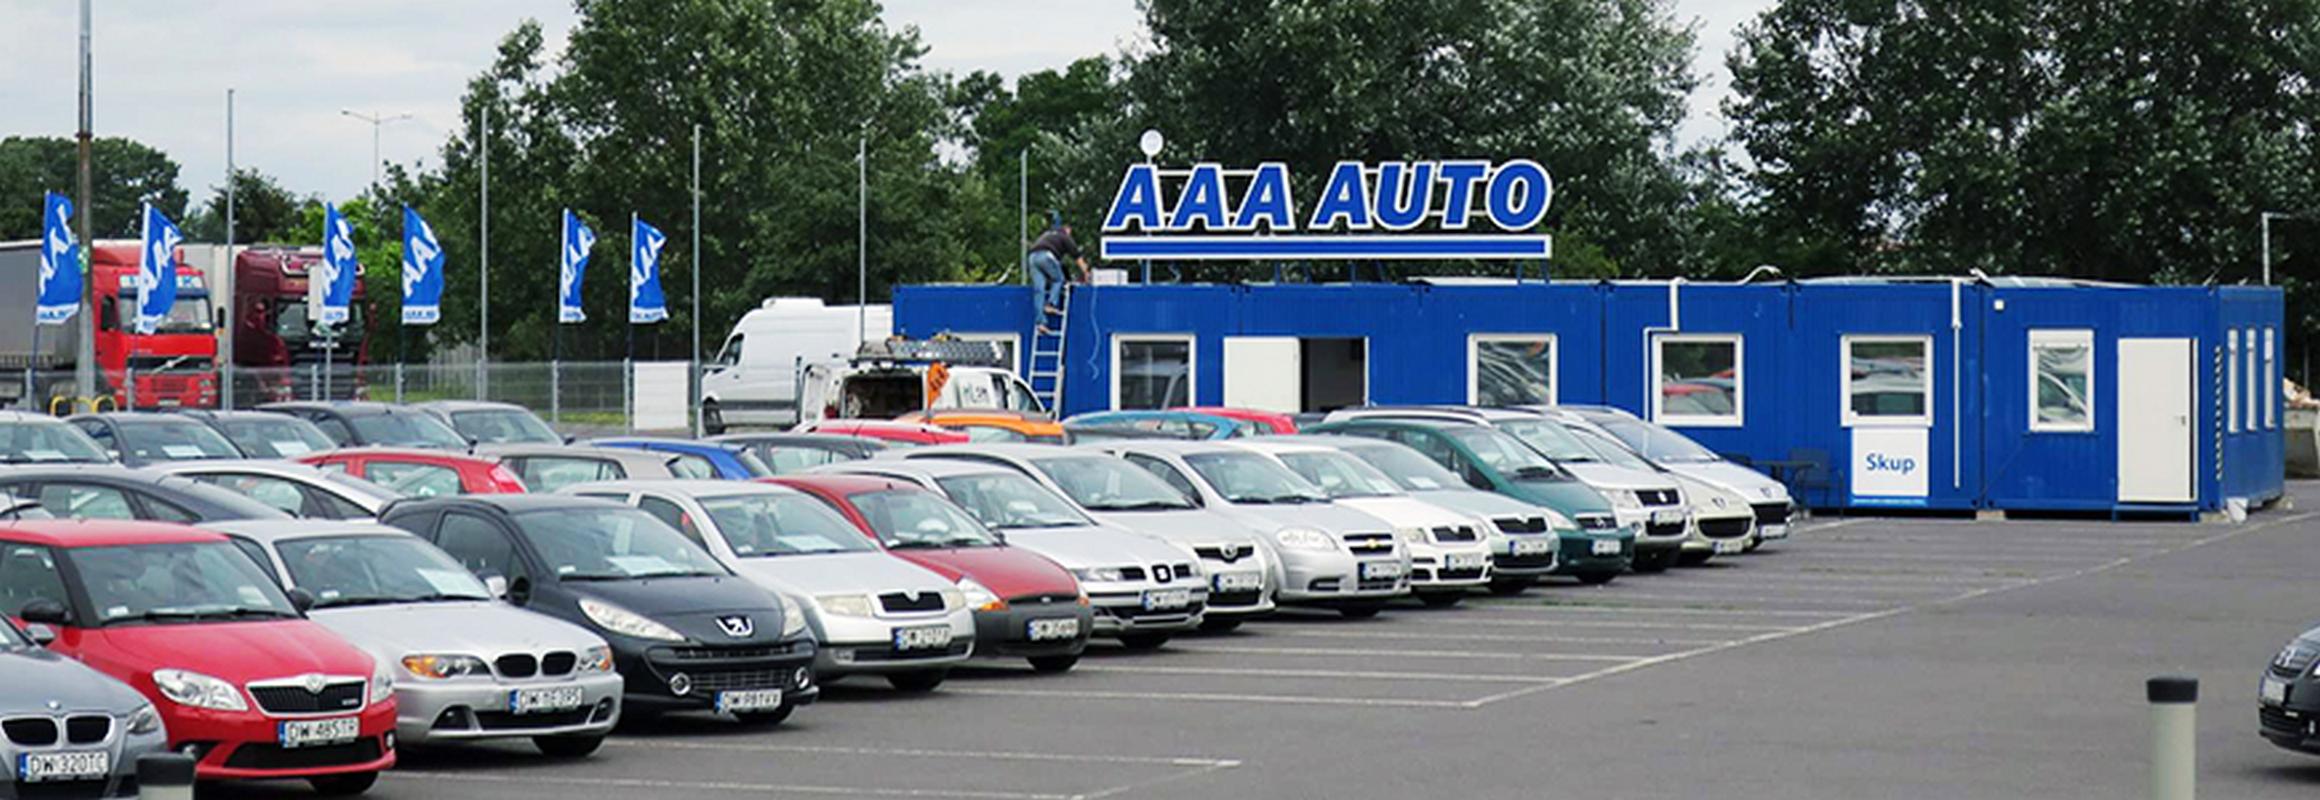 AAA AUTO oficjalnie uruchamia oddział we Wrocławiu, oferując do 150 samochodów - Poilish Magazine